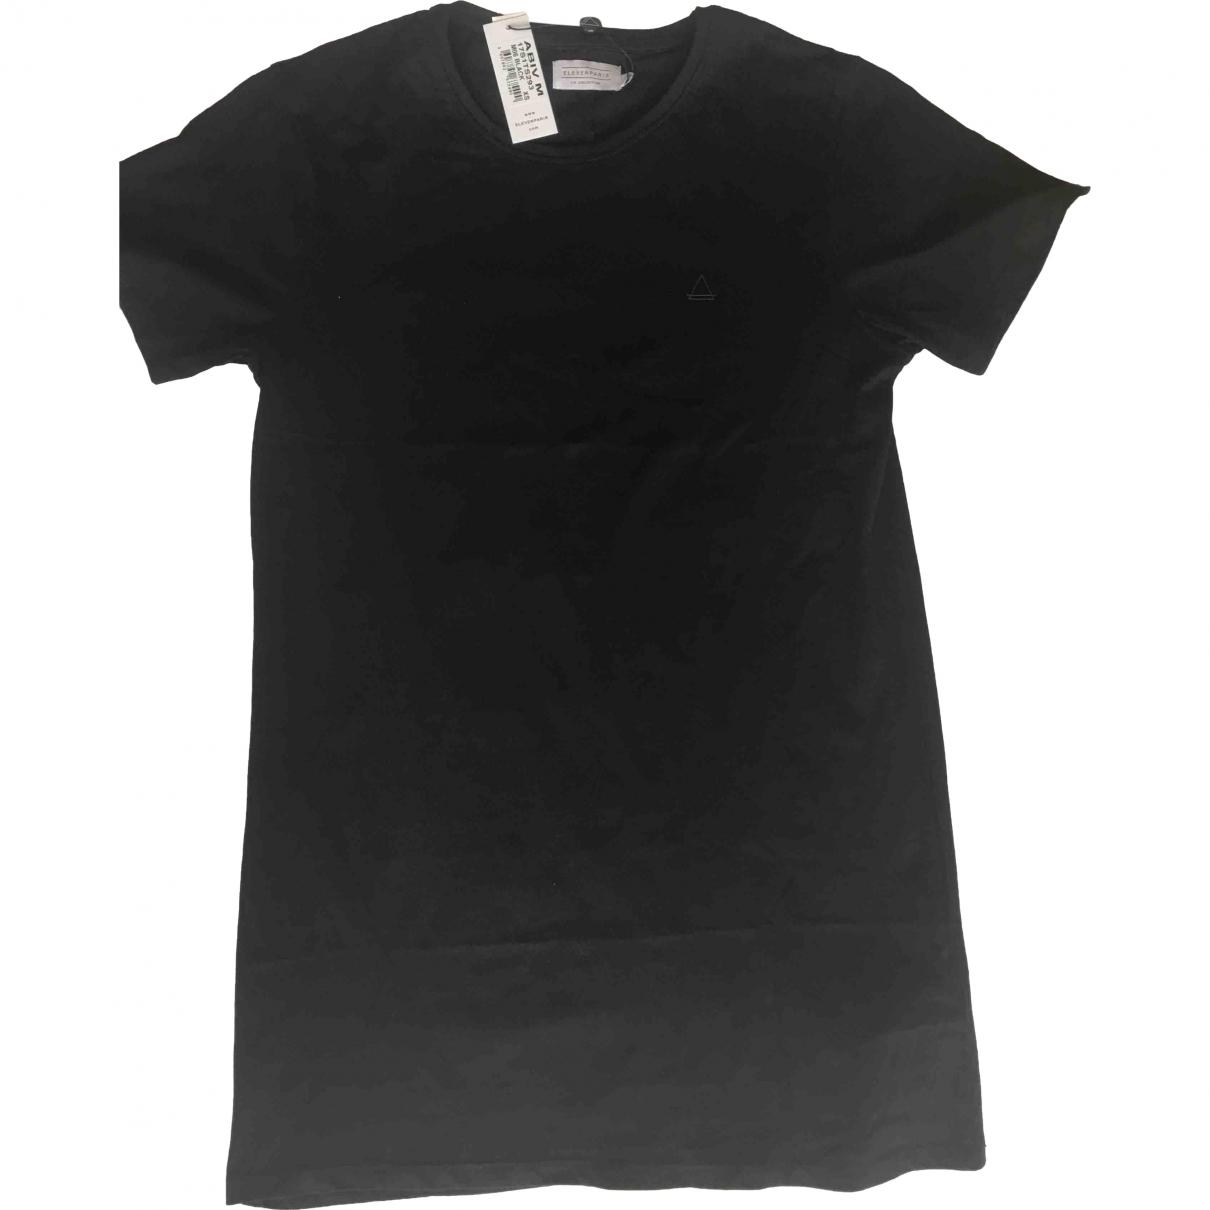 Eleven Paris - Tee shirts   pour homme en coton - noir